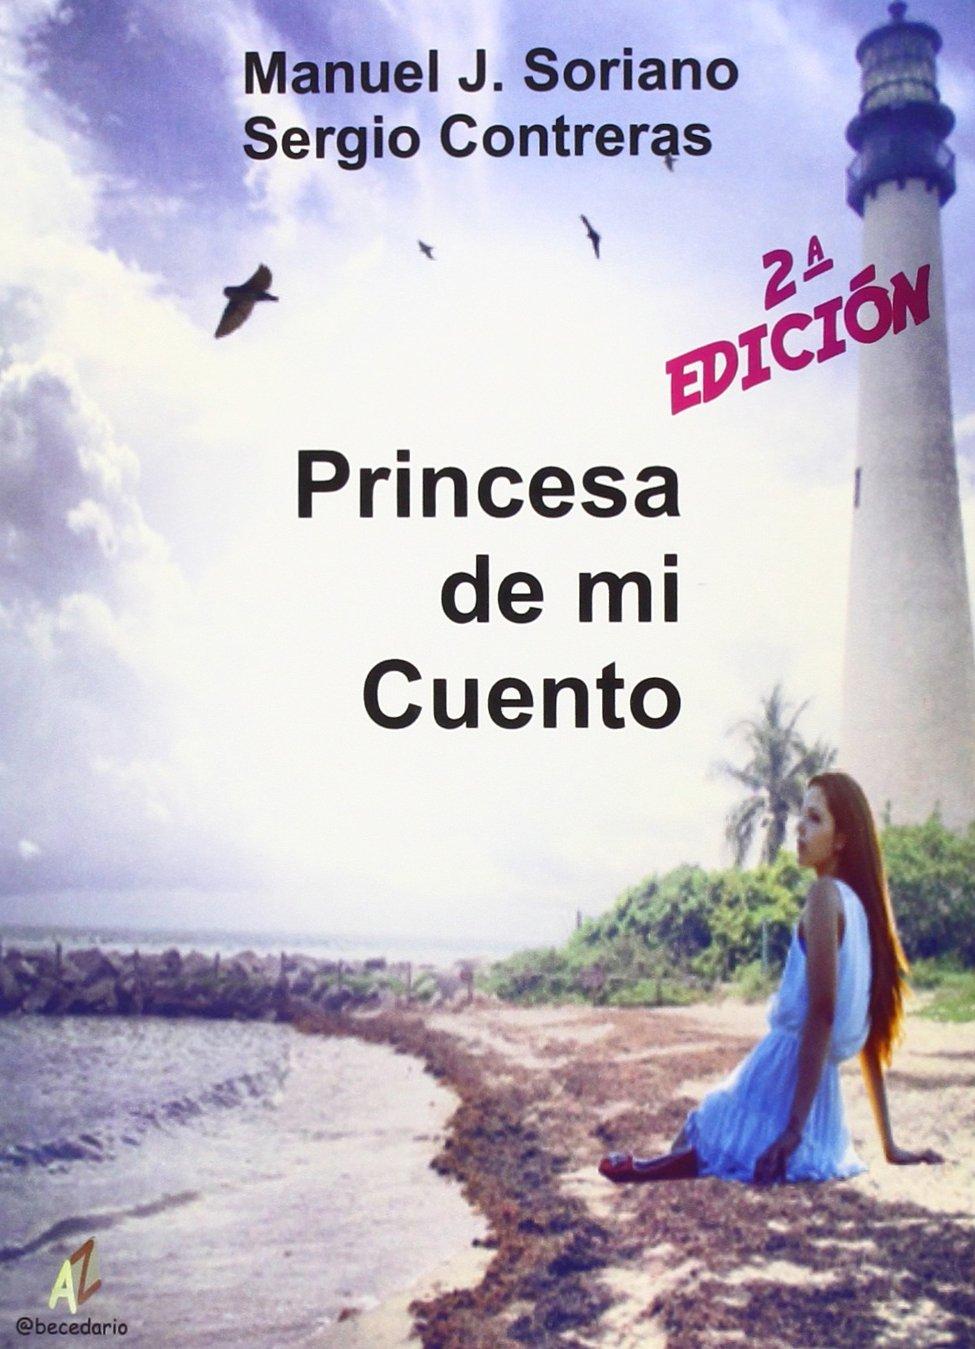 Princesa De Mi Cuento: Amazon.es: Manuel Soriano Pizon, Sergio Contreras: Libros